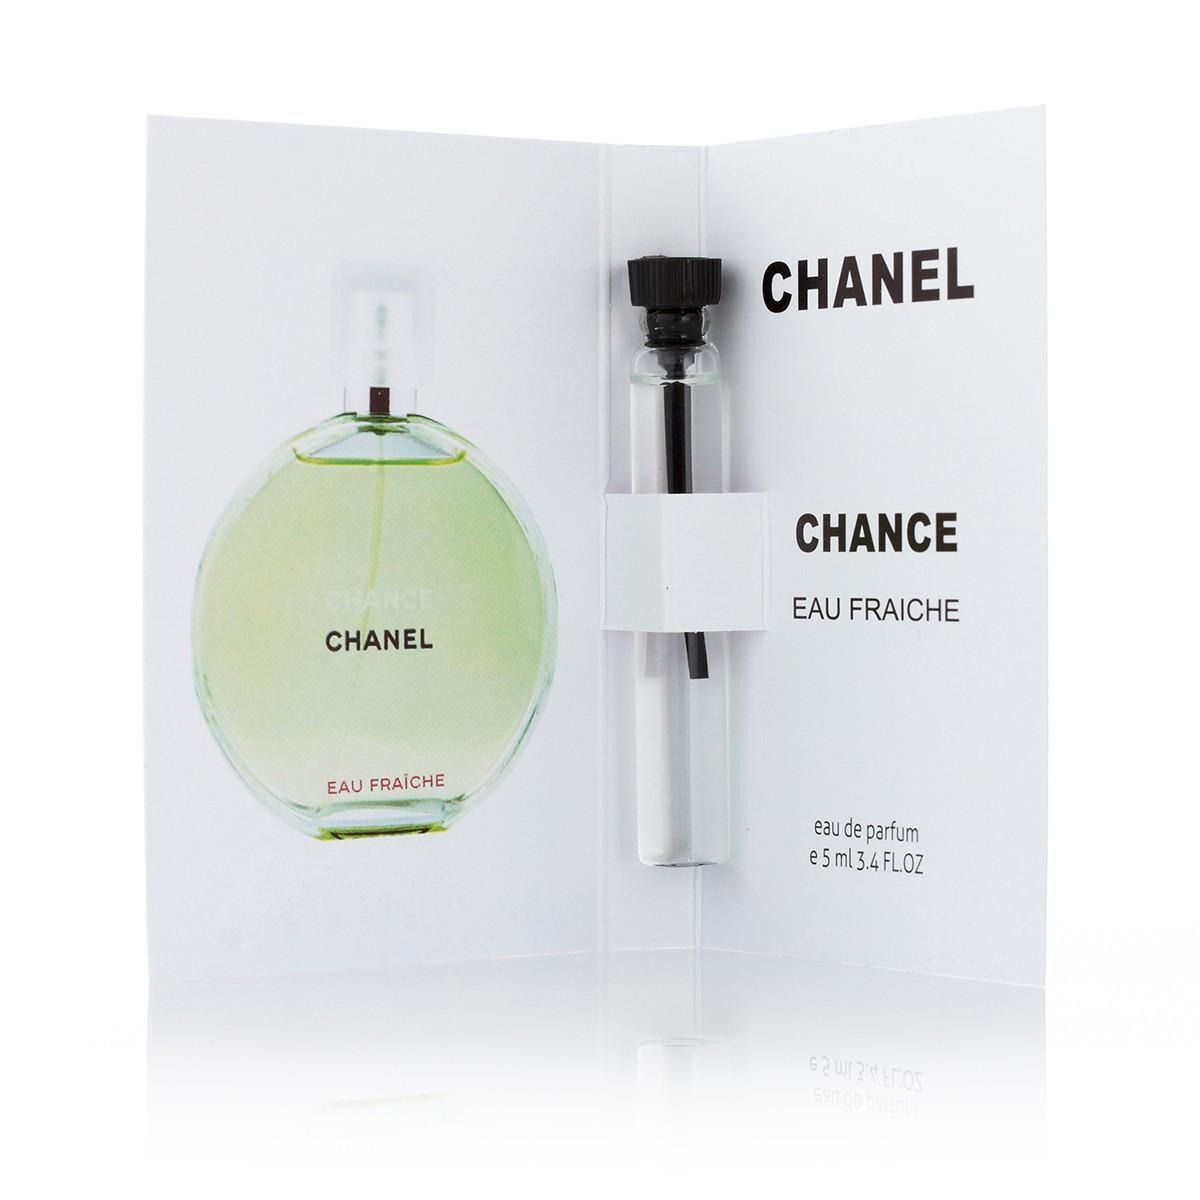 Chanel Chance Eau Fraiche (ж) 5 ml